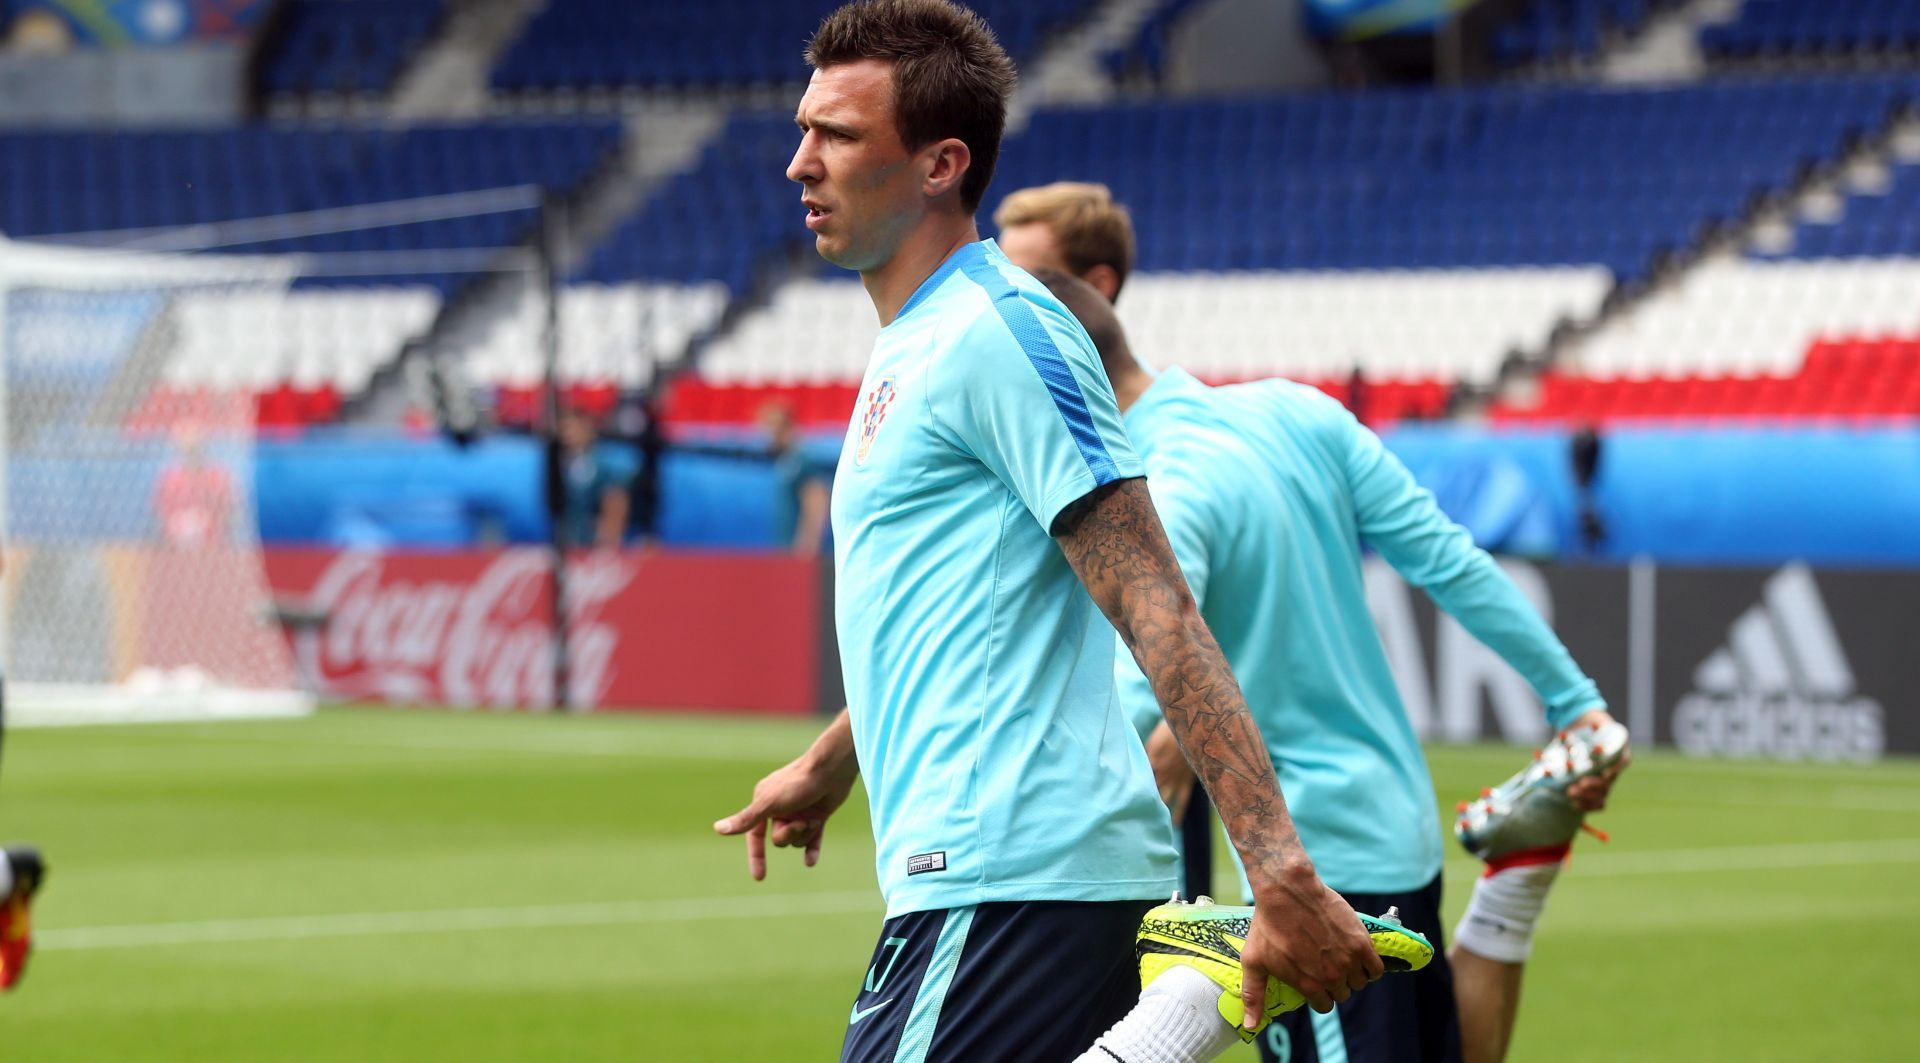 EURO 2016. Hrvatska u Parizu, derbi s Turskom od 15 sati na Parku pričeva